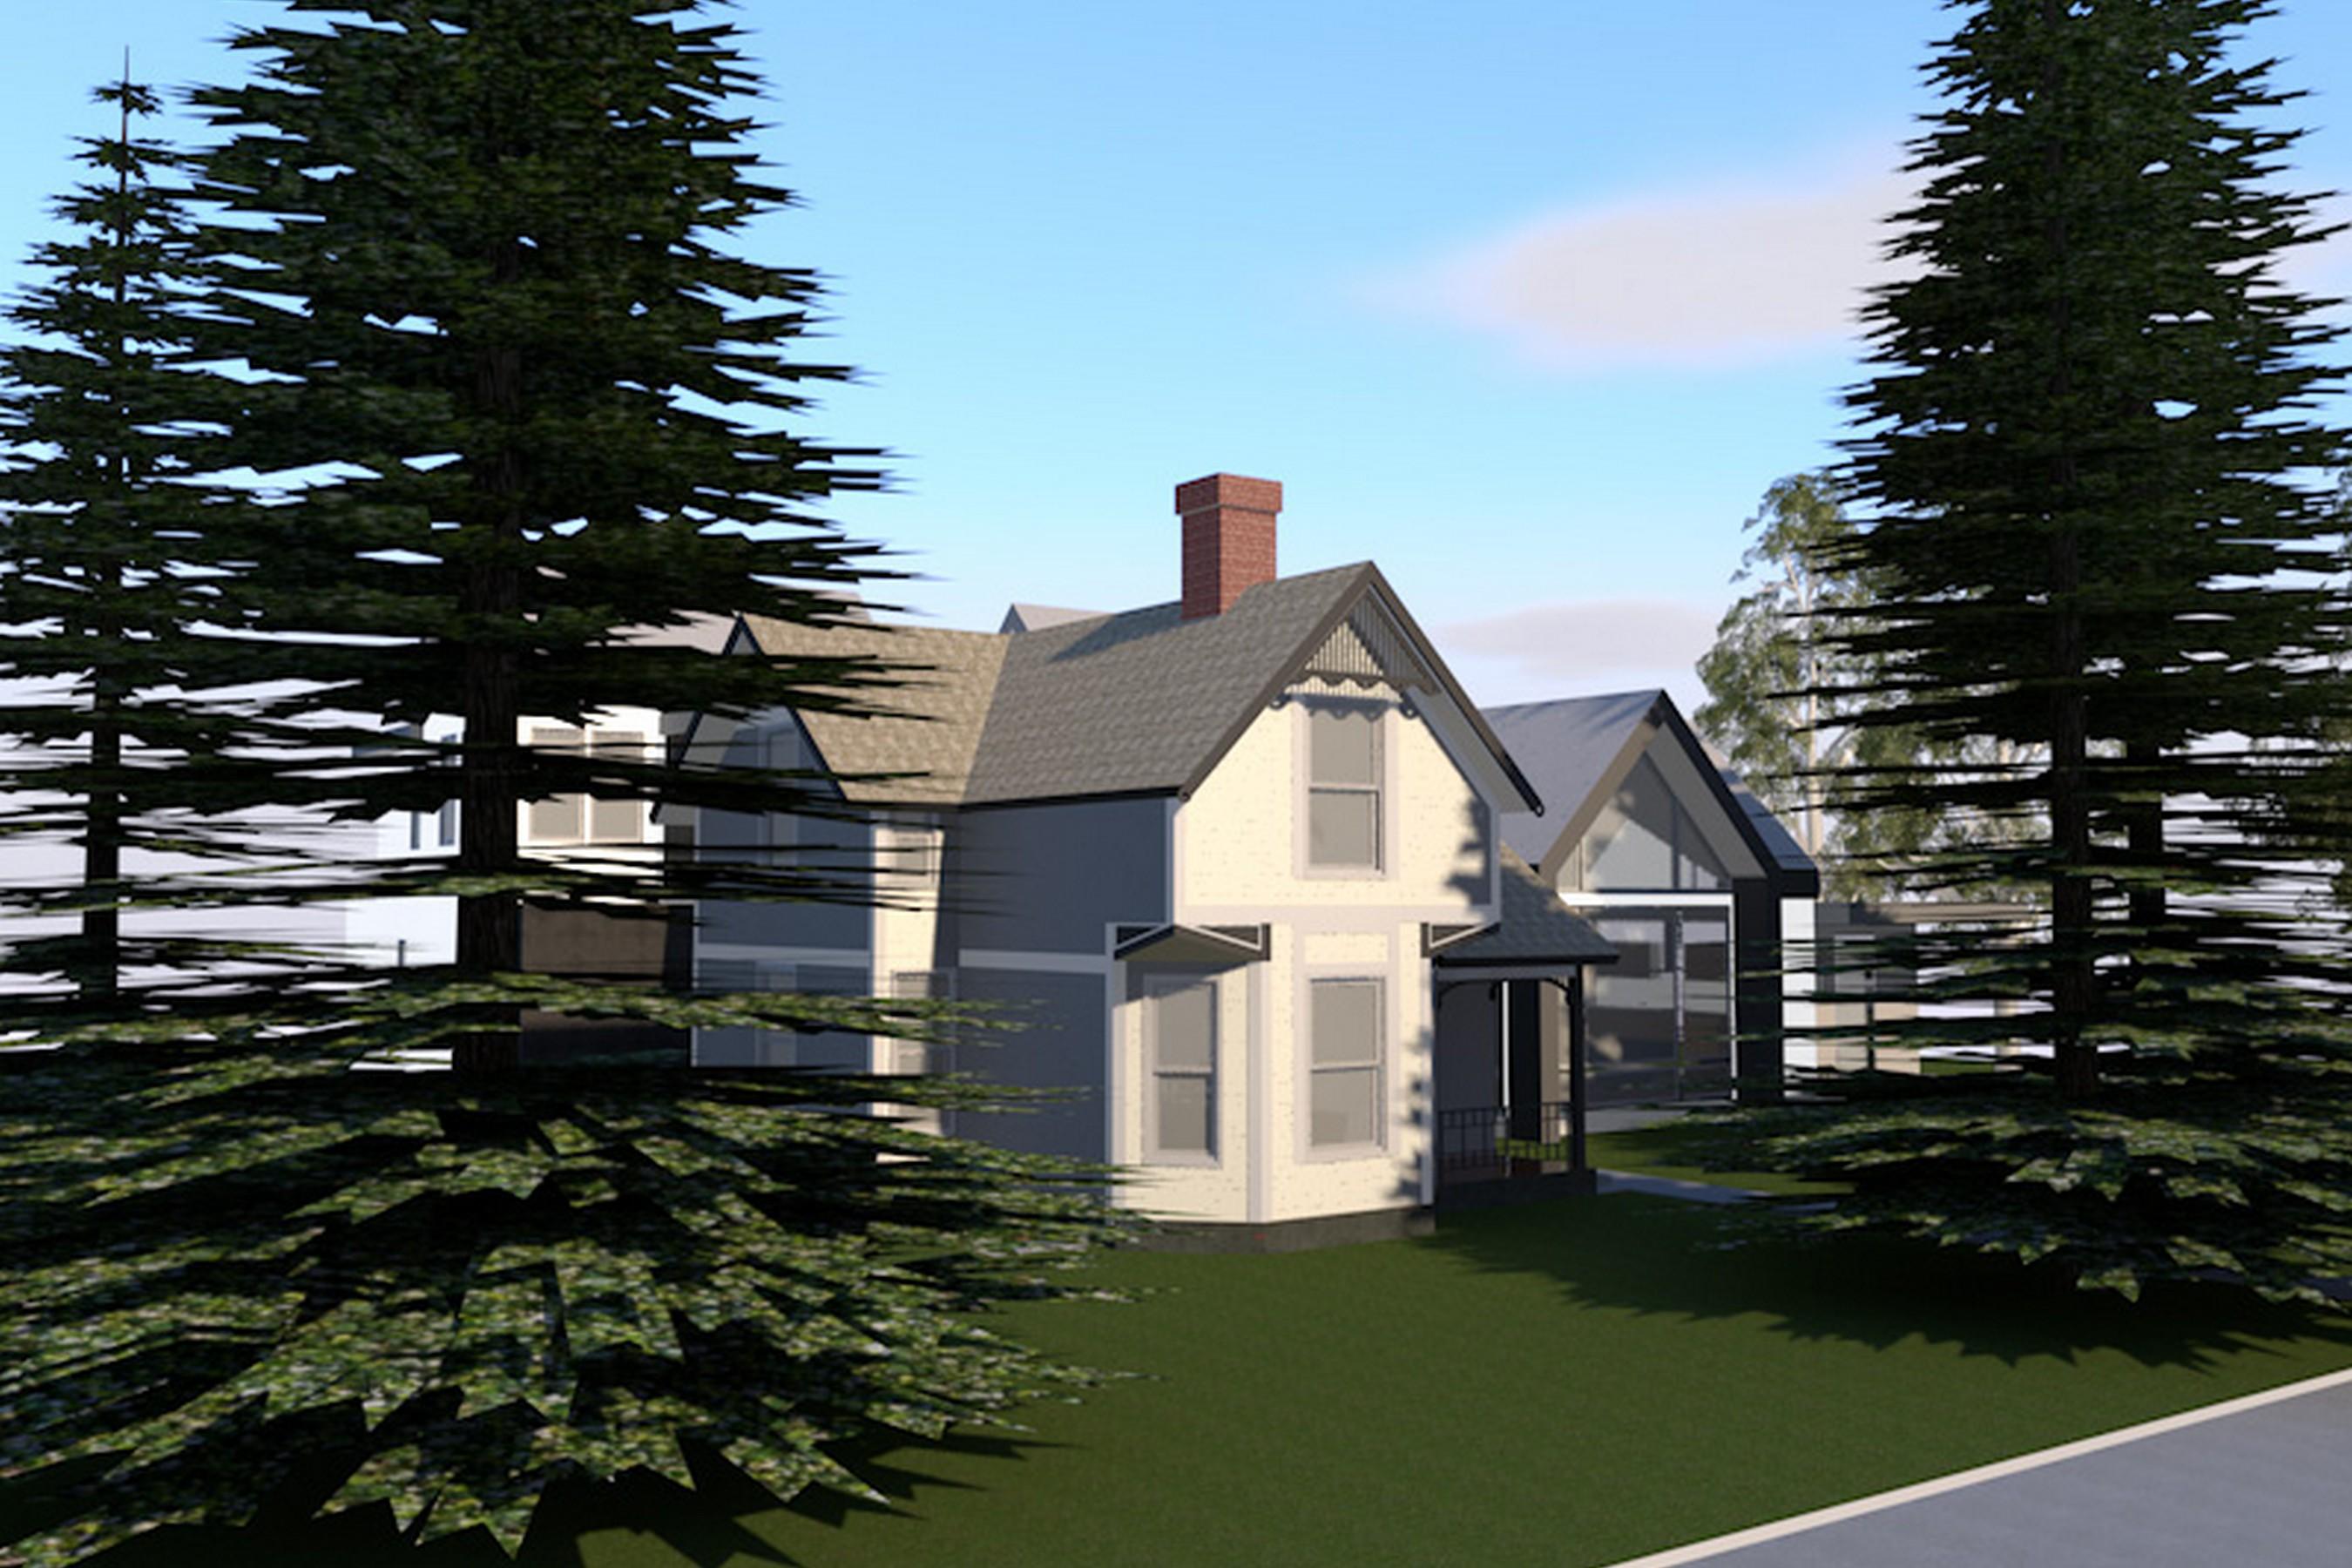 Частный односемейный дом для того Продажа на West End Victorian 530 W Hallam Street Aspen, Колорадо 81611 Соединенные Штаты